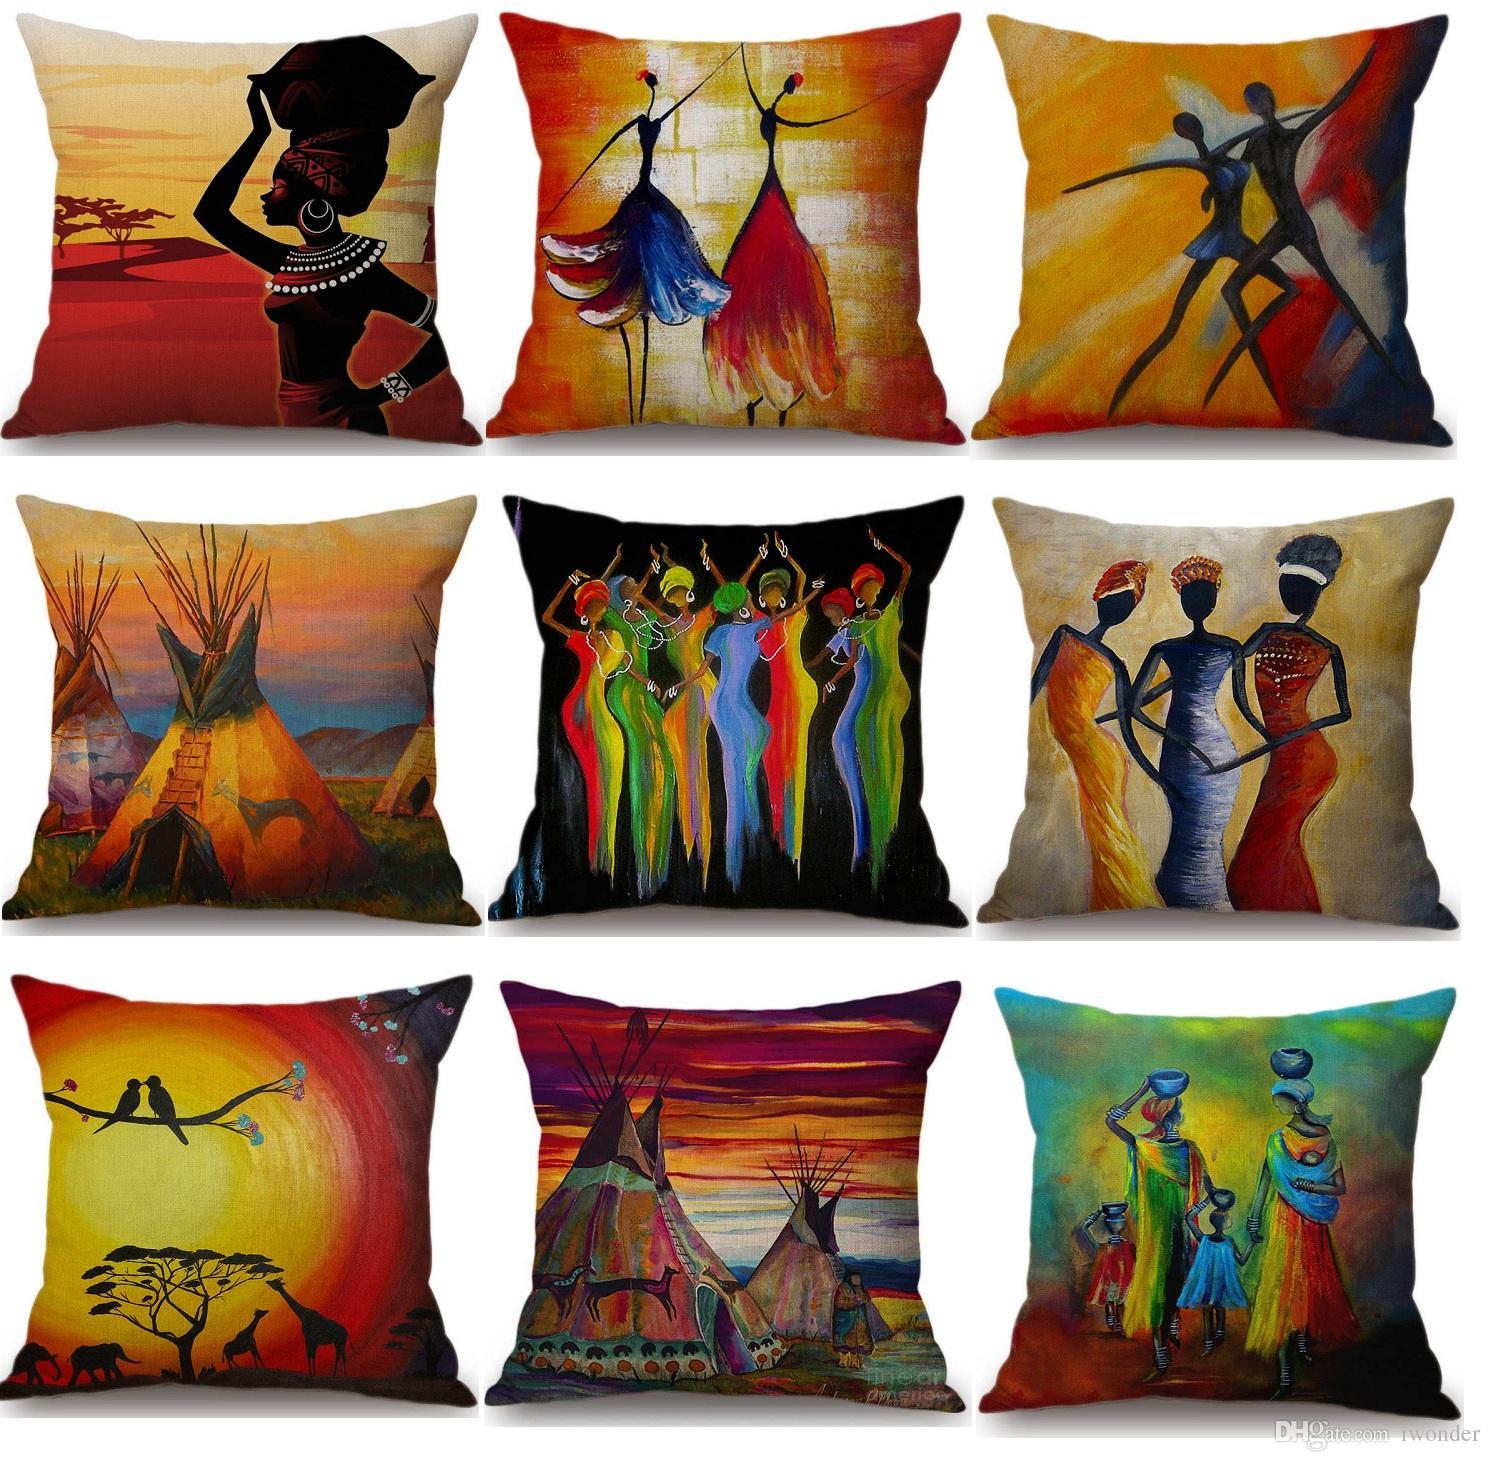 Acheter Afrique Peinture Art Africain Impression Exotique Décoration Style  Housse De Coussin 15 Styles Lin Peinture À Lu0027huile Coussin Couverture  Chambre ...